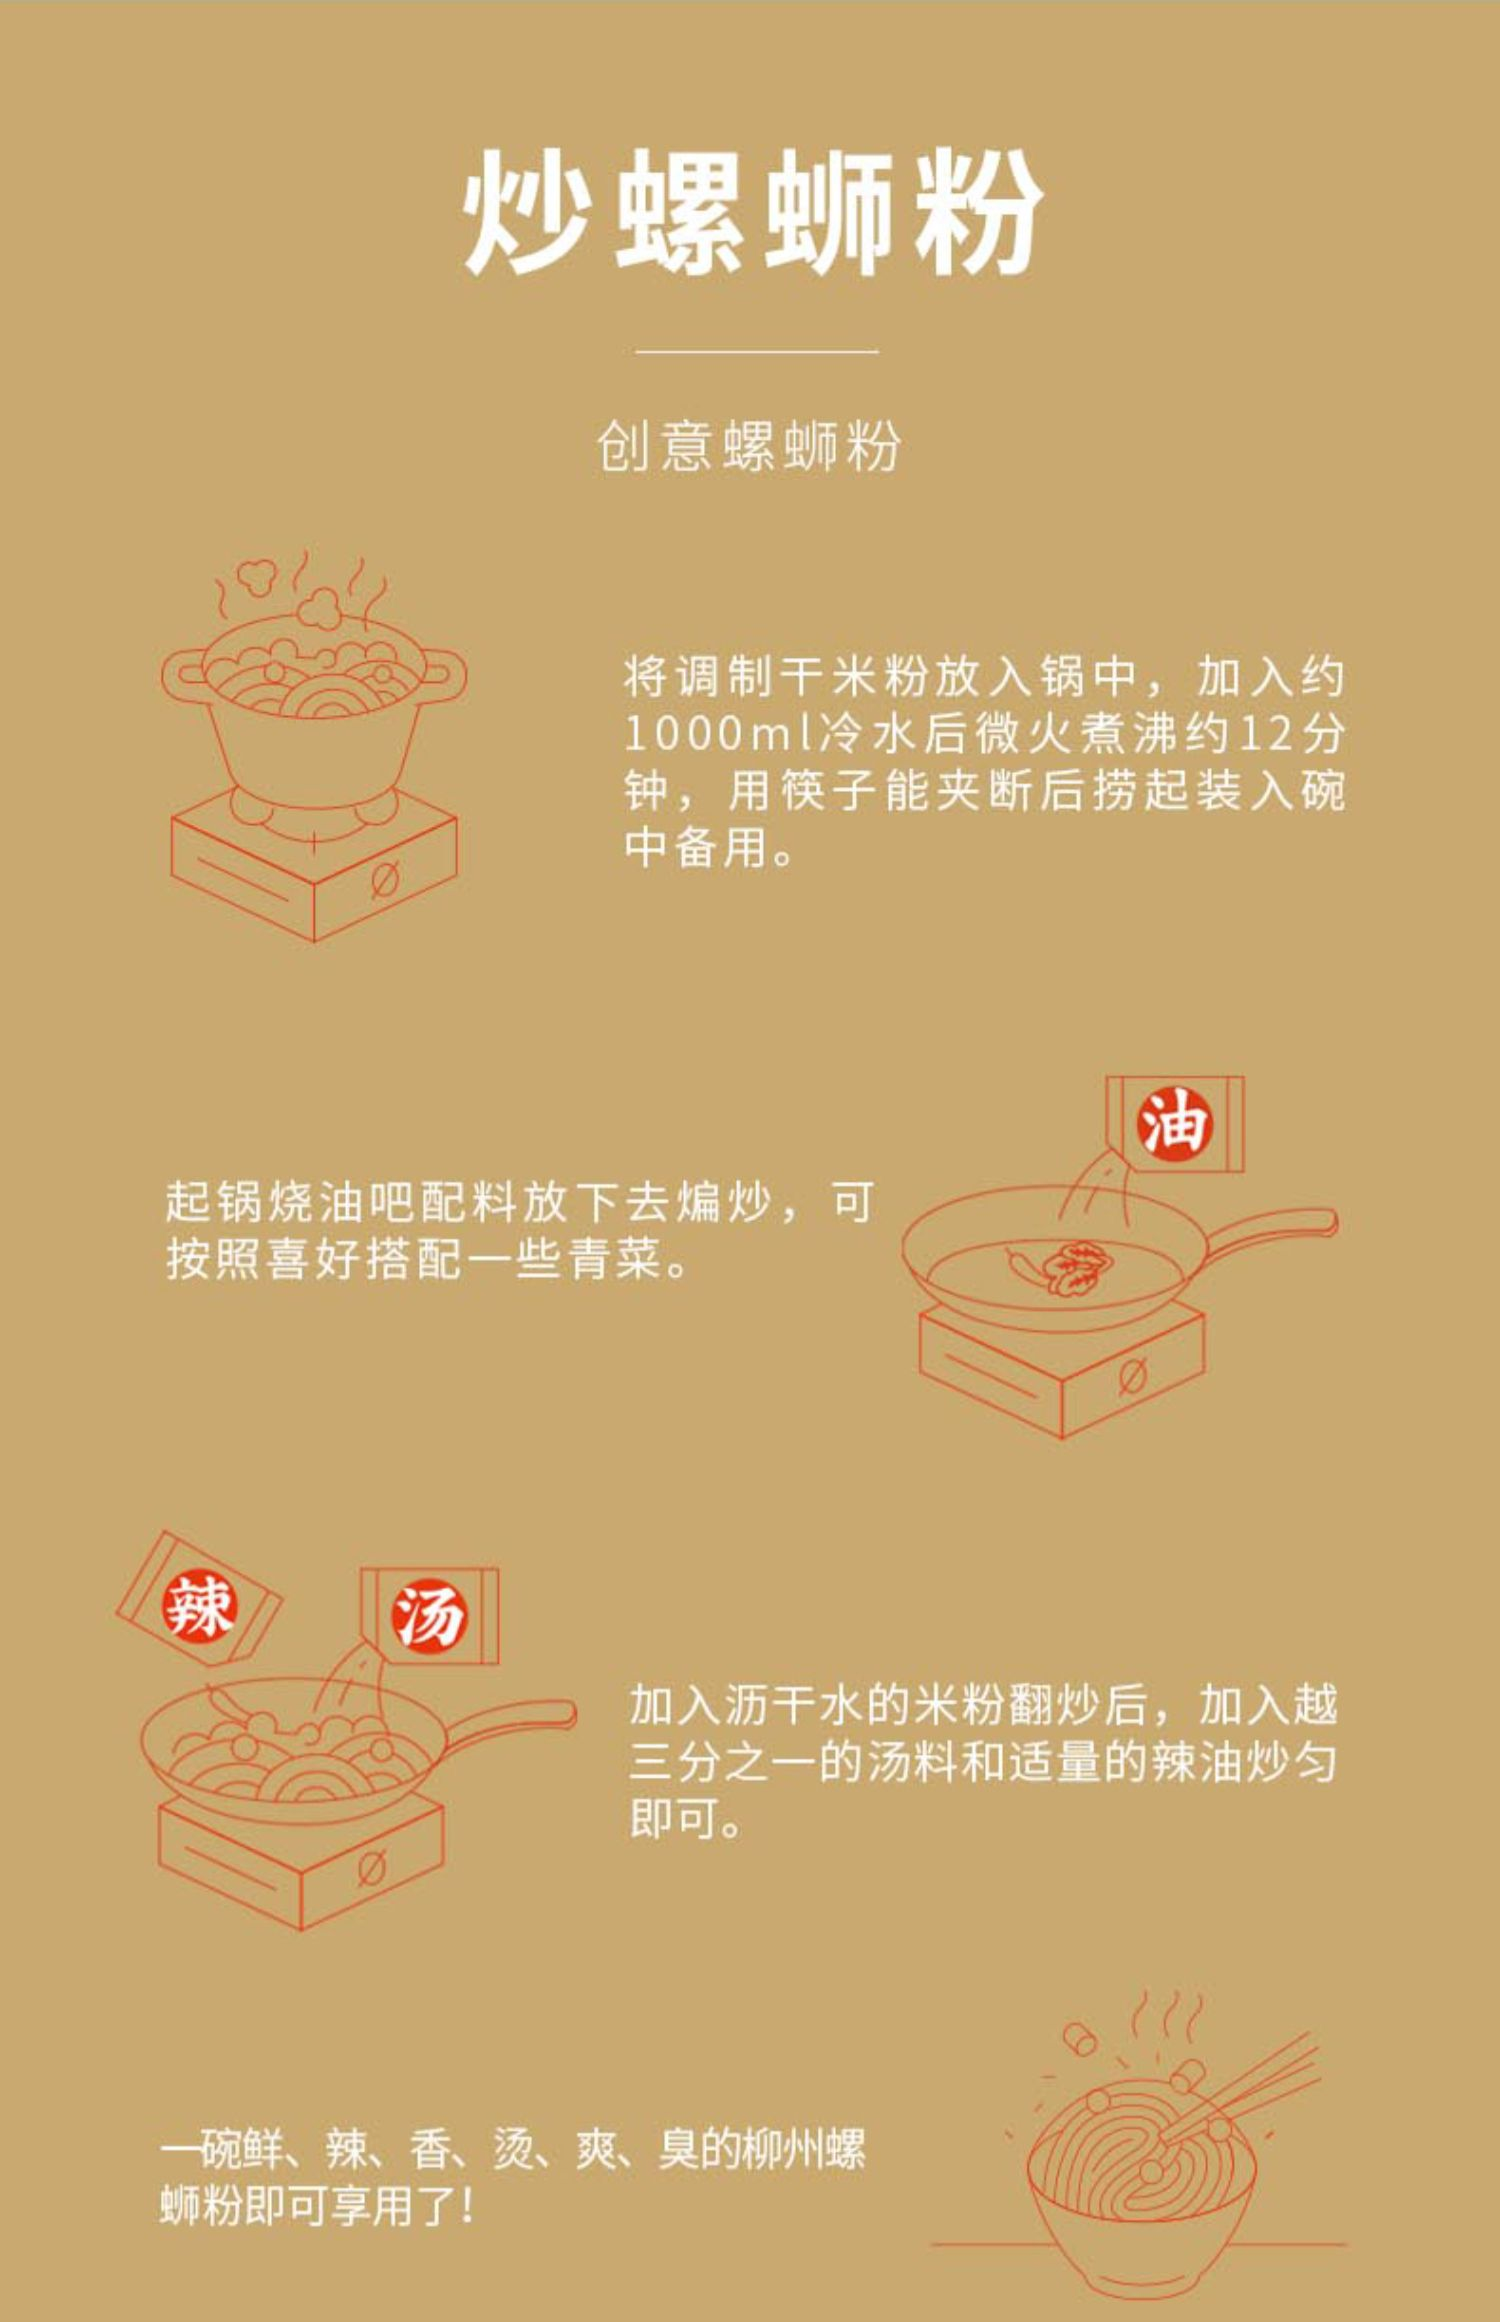 【螺小淘】广西柳州螺蛳粉330g